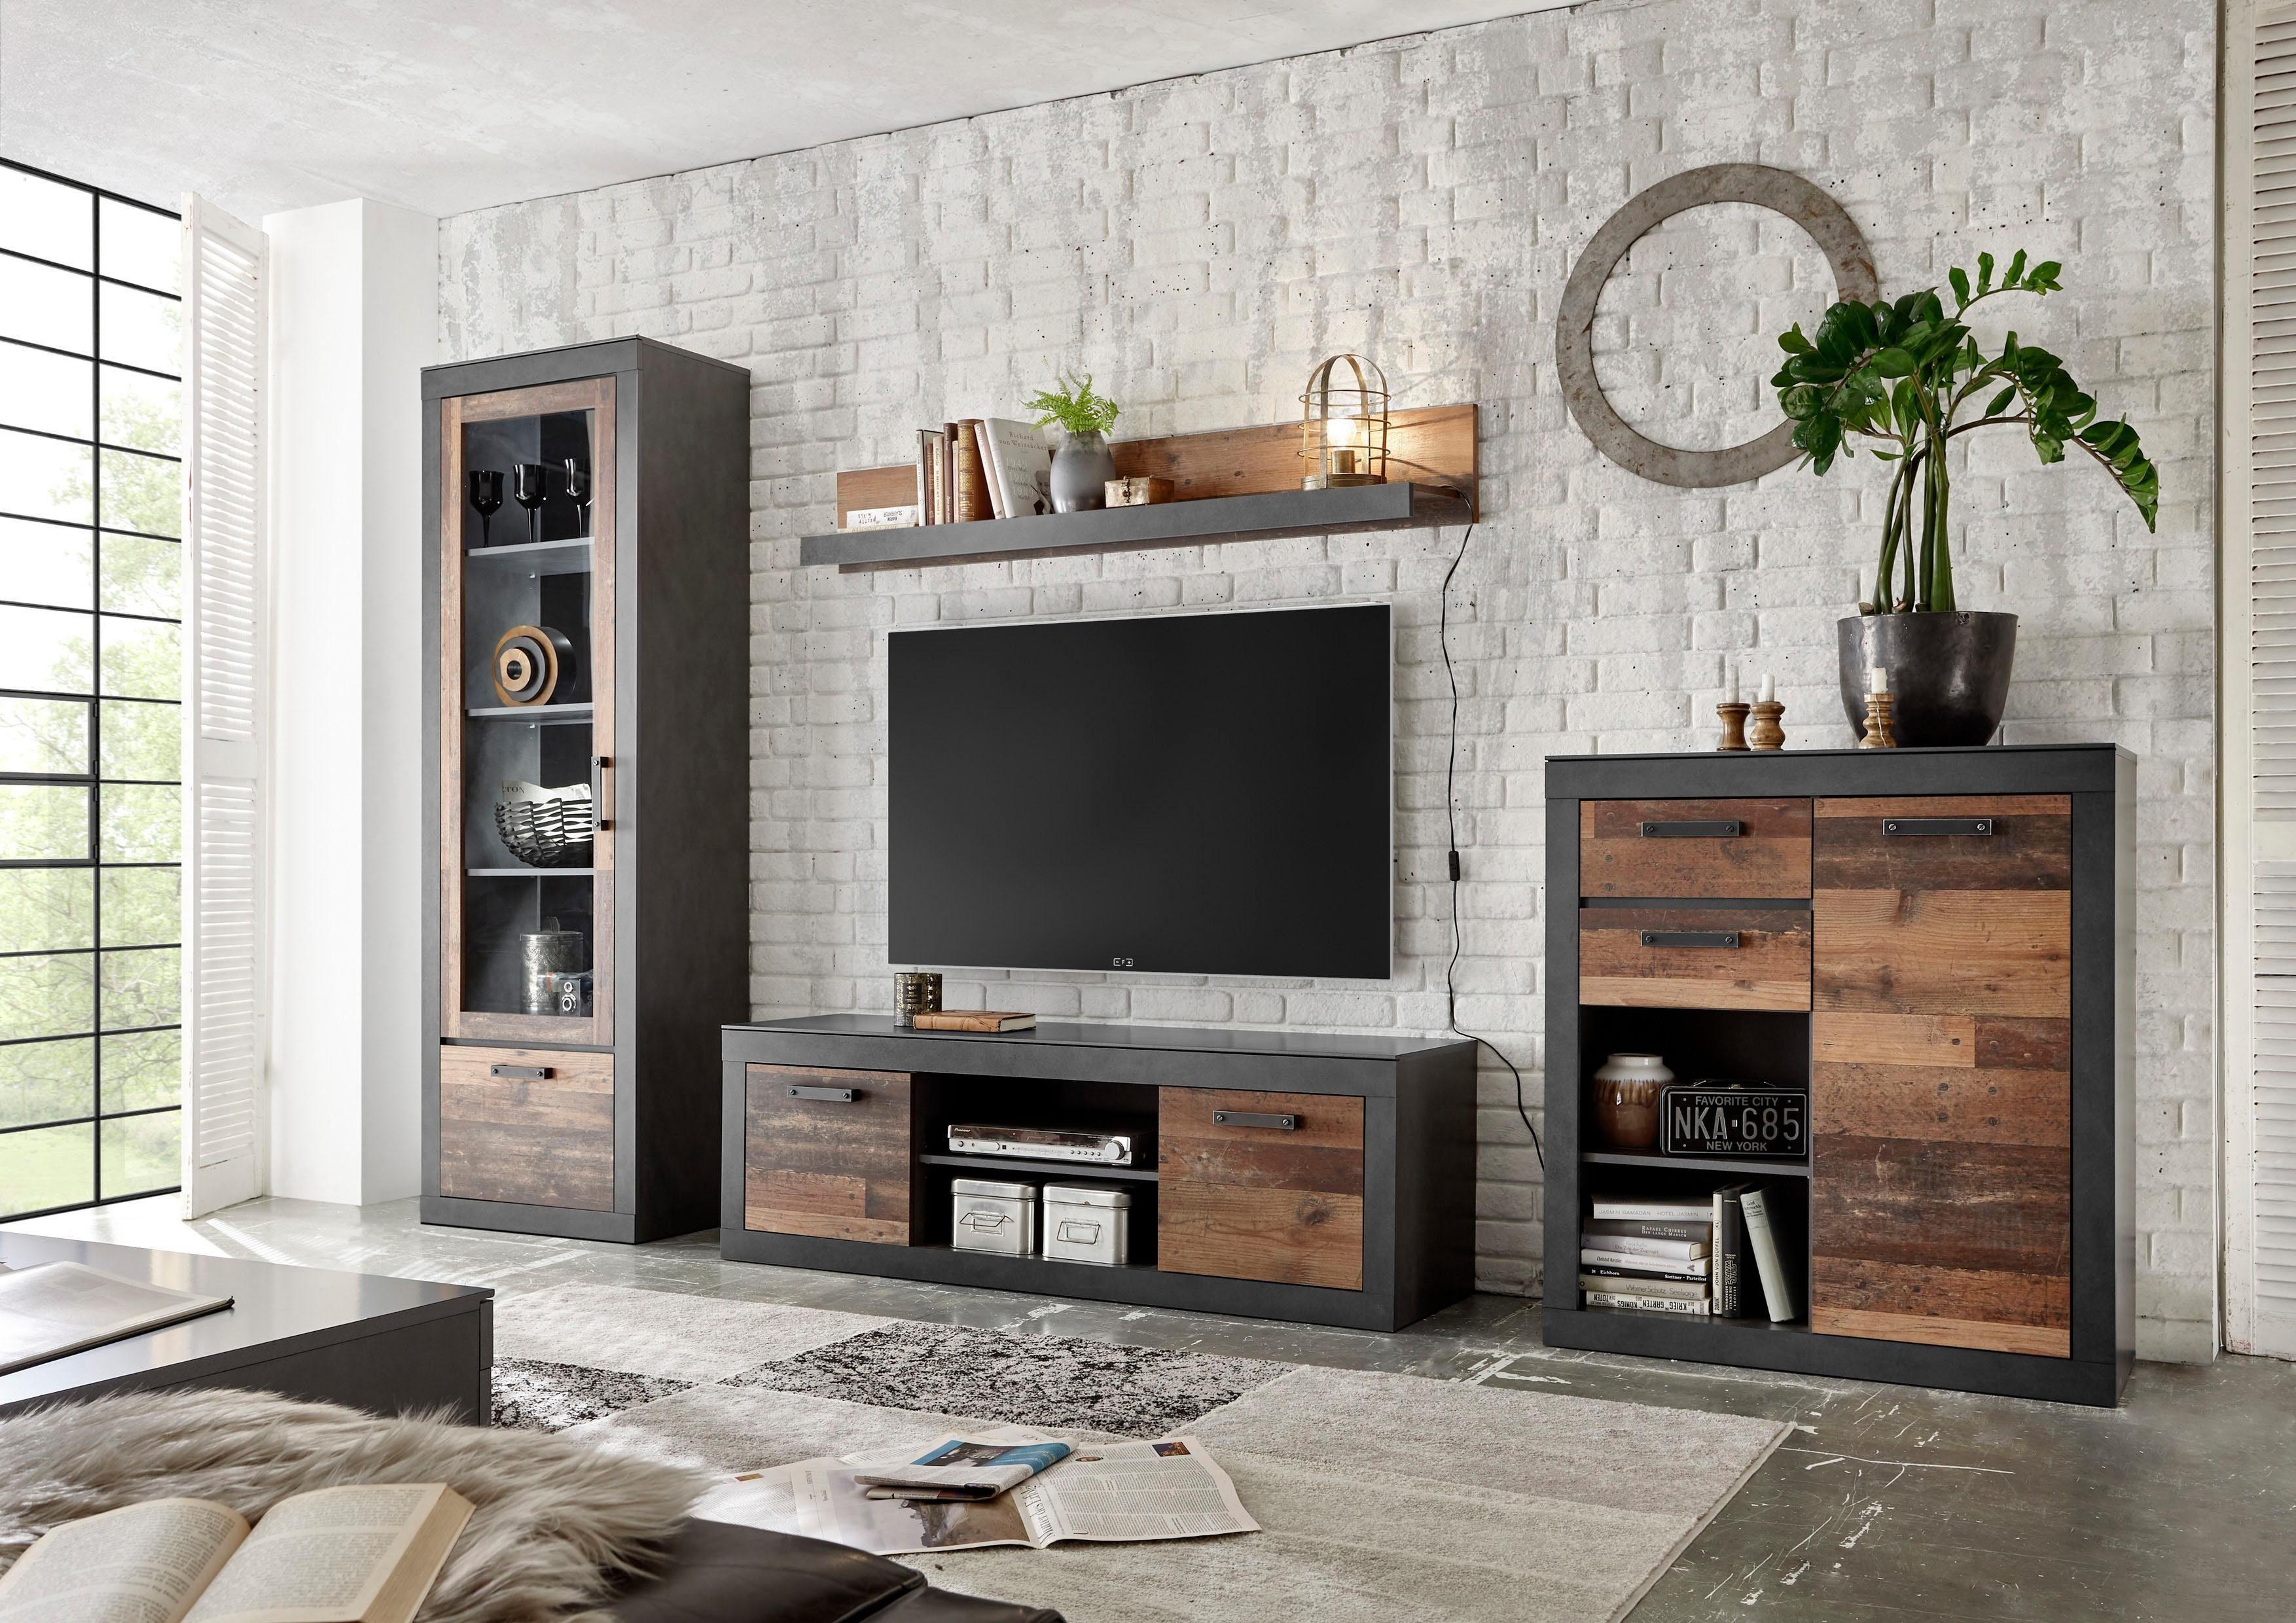 Home affaire Wohnwand »BROOKLYN«, (4 tlg.), in dekorativer Rahmenoptik günstig online kaufen